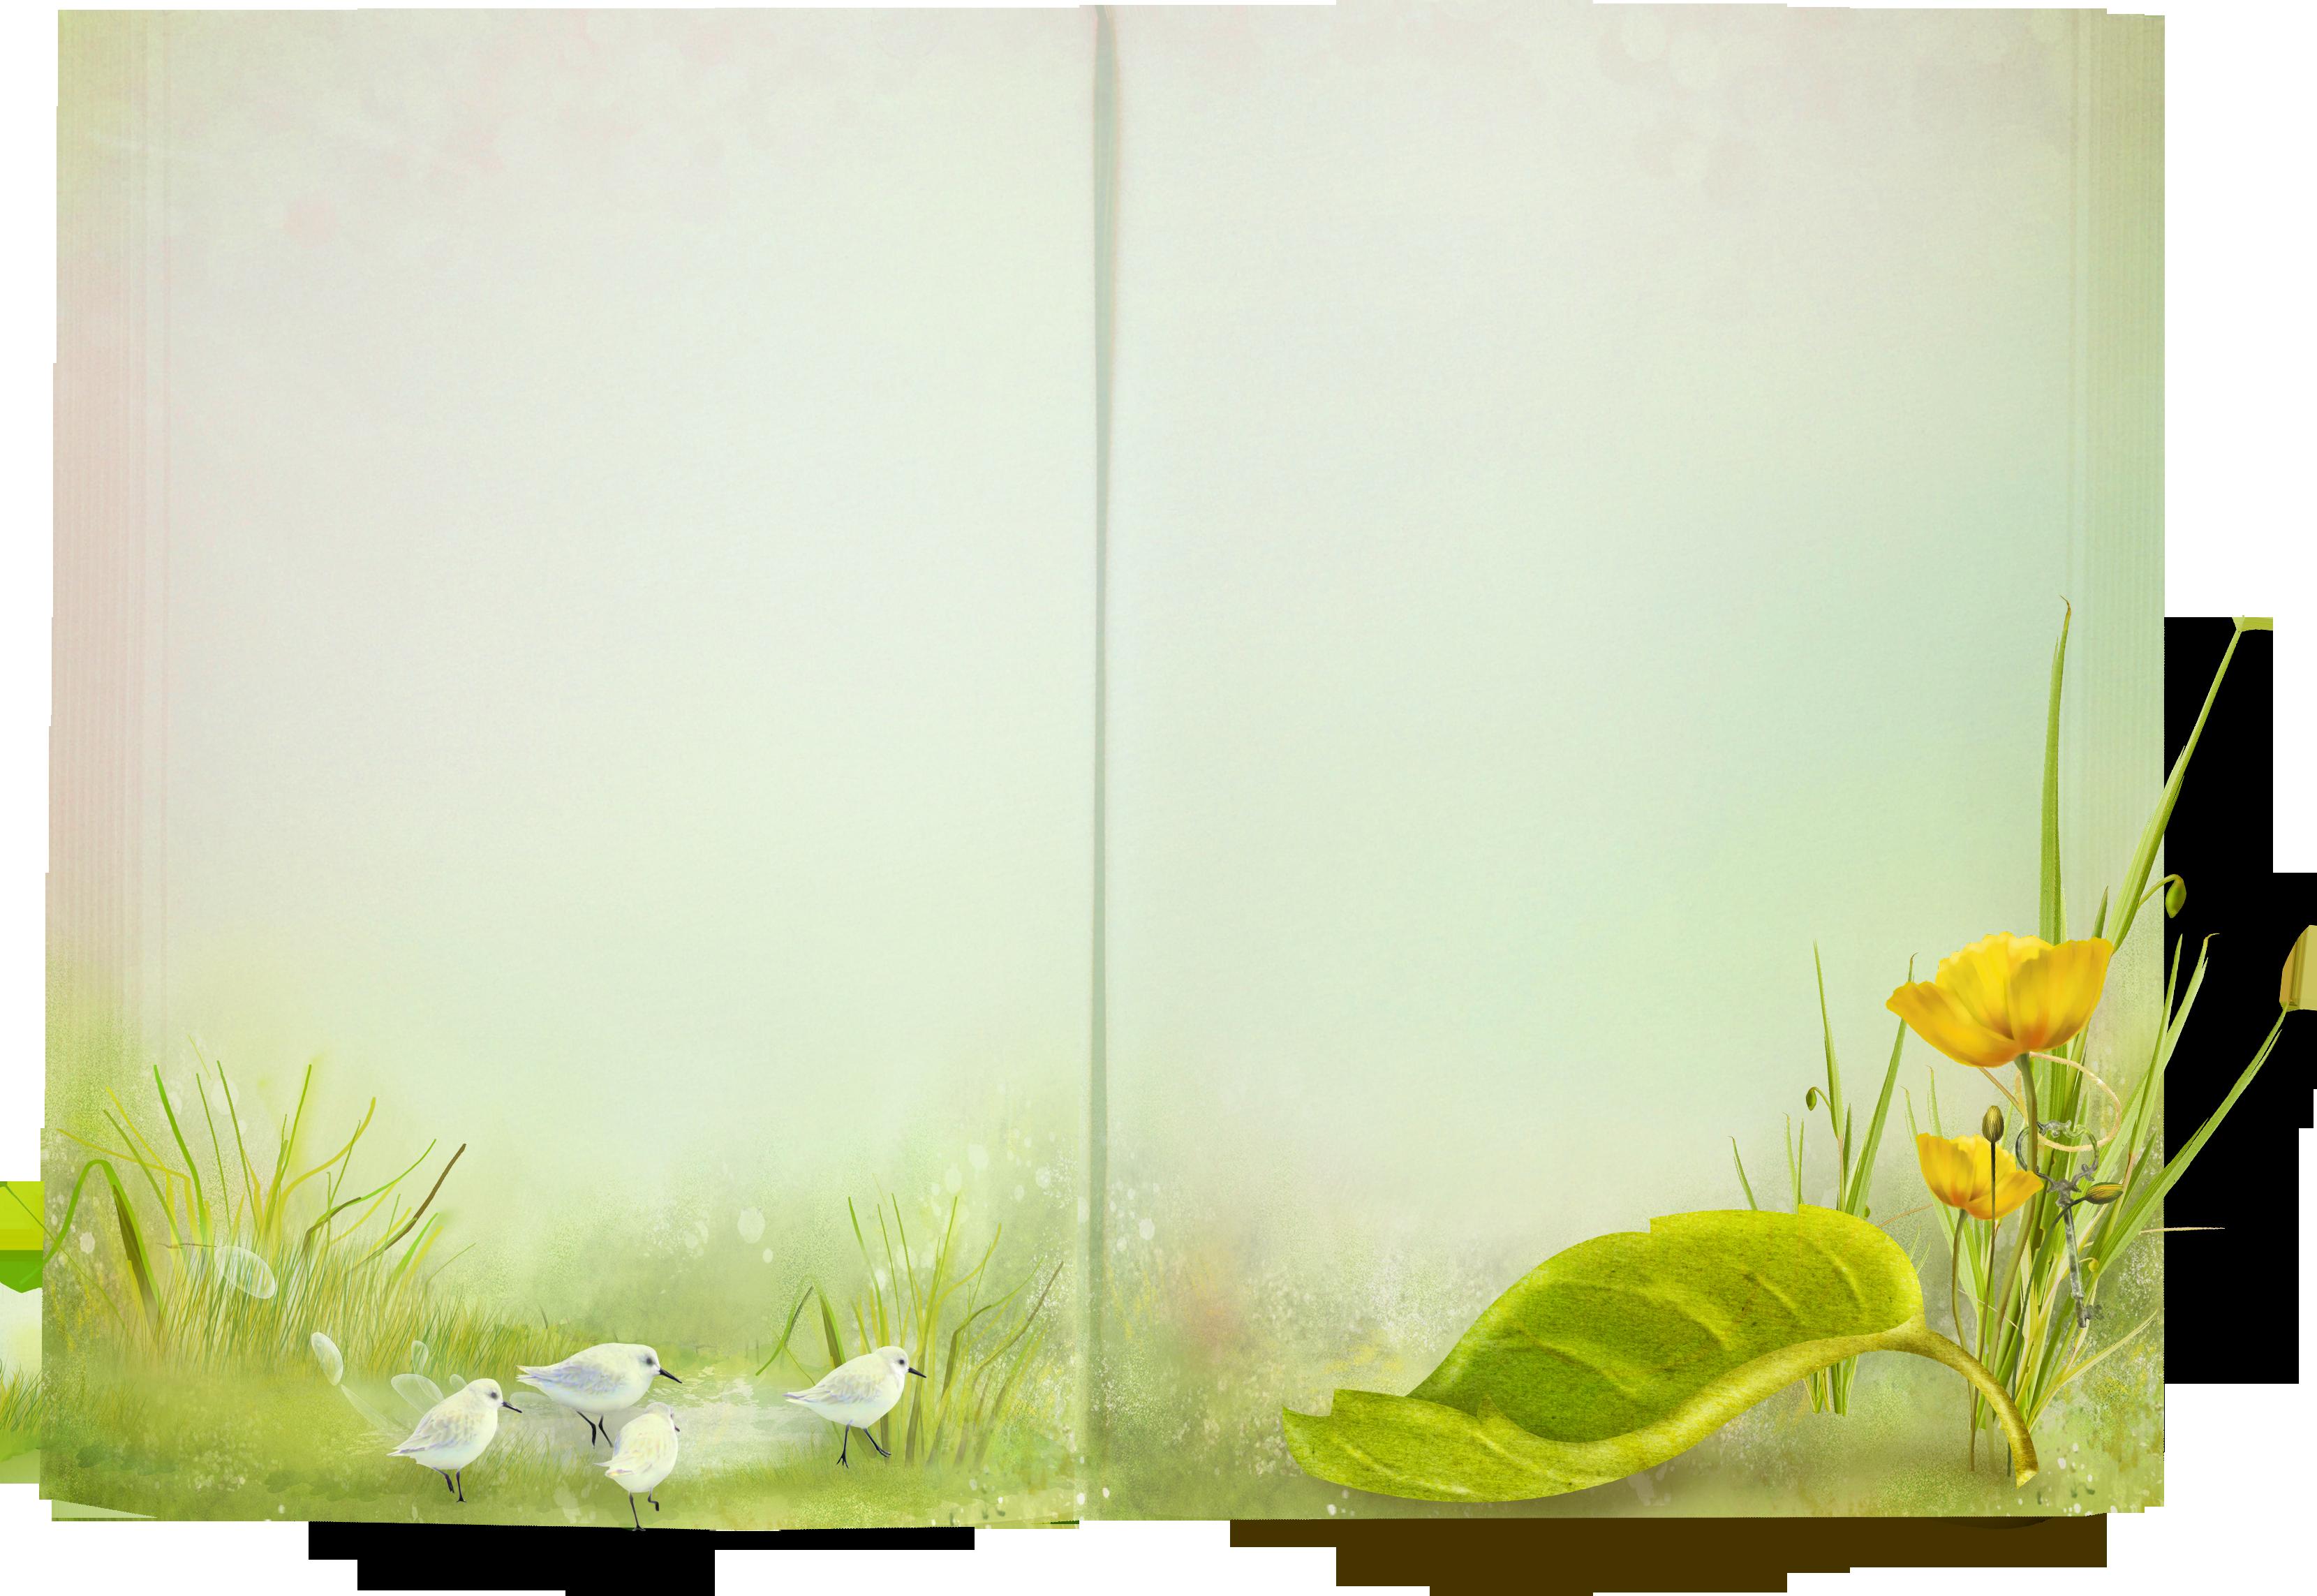 PNG картинки с прозрачным фоном cкачать бесплатно  PNGsru